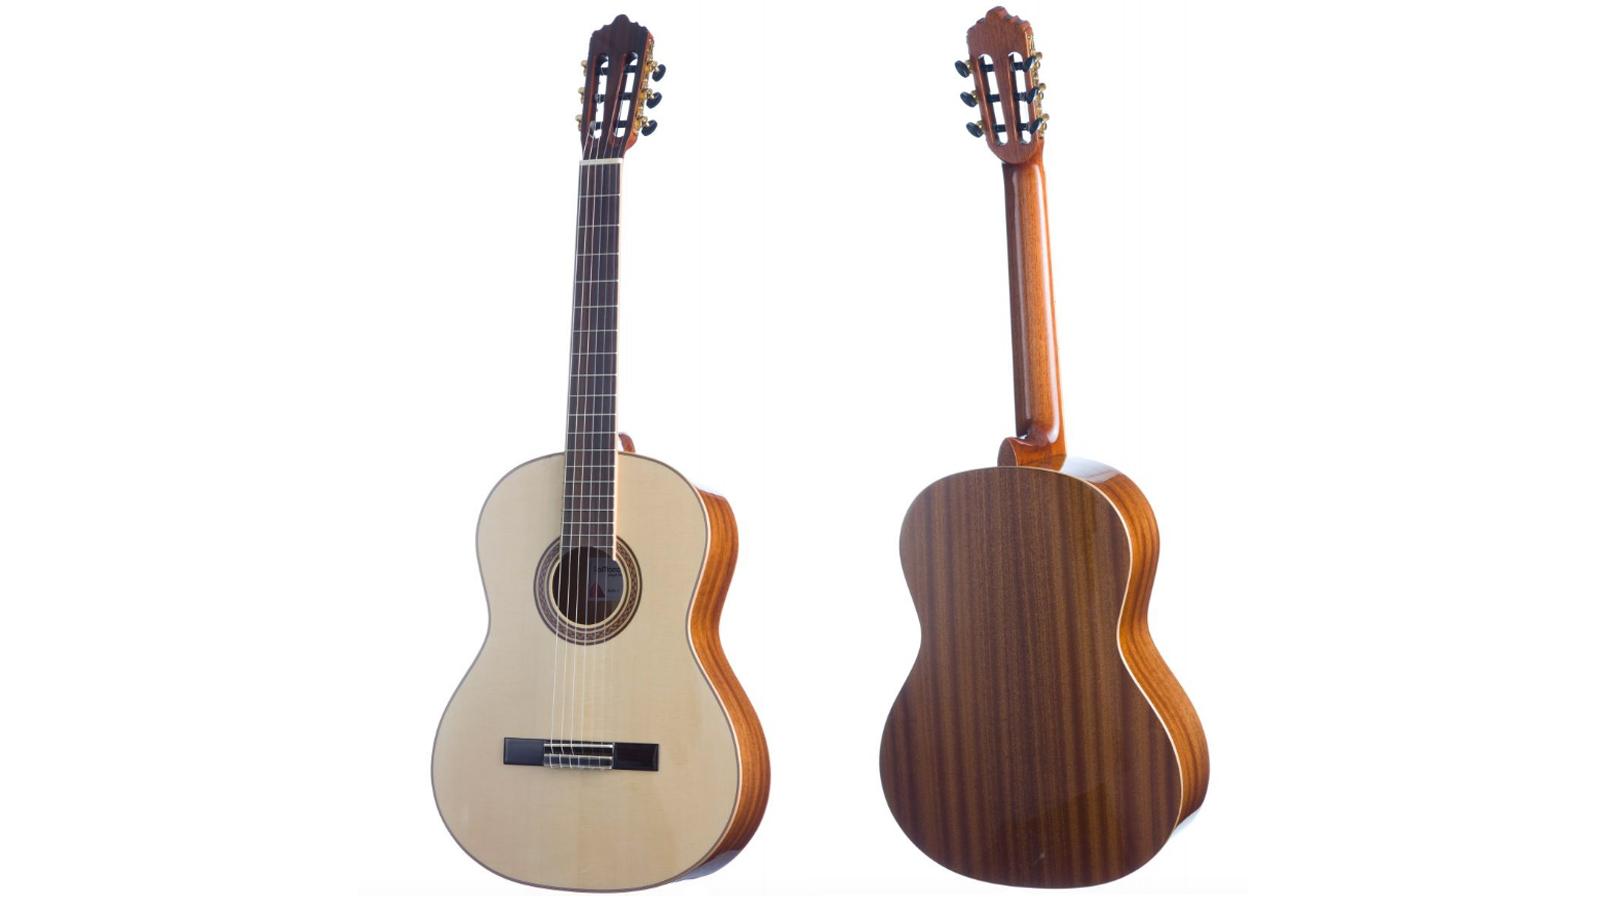 La Mancha Rubi S 63 Konzertgitarre 7/8